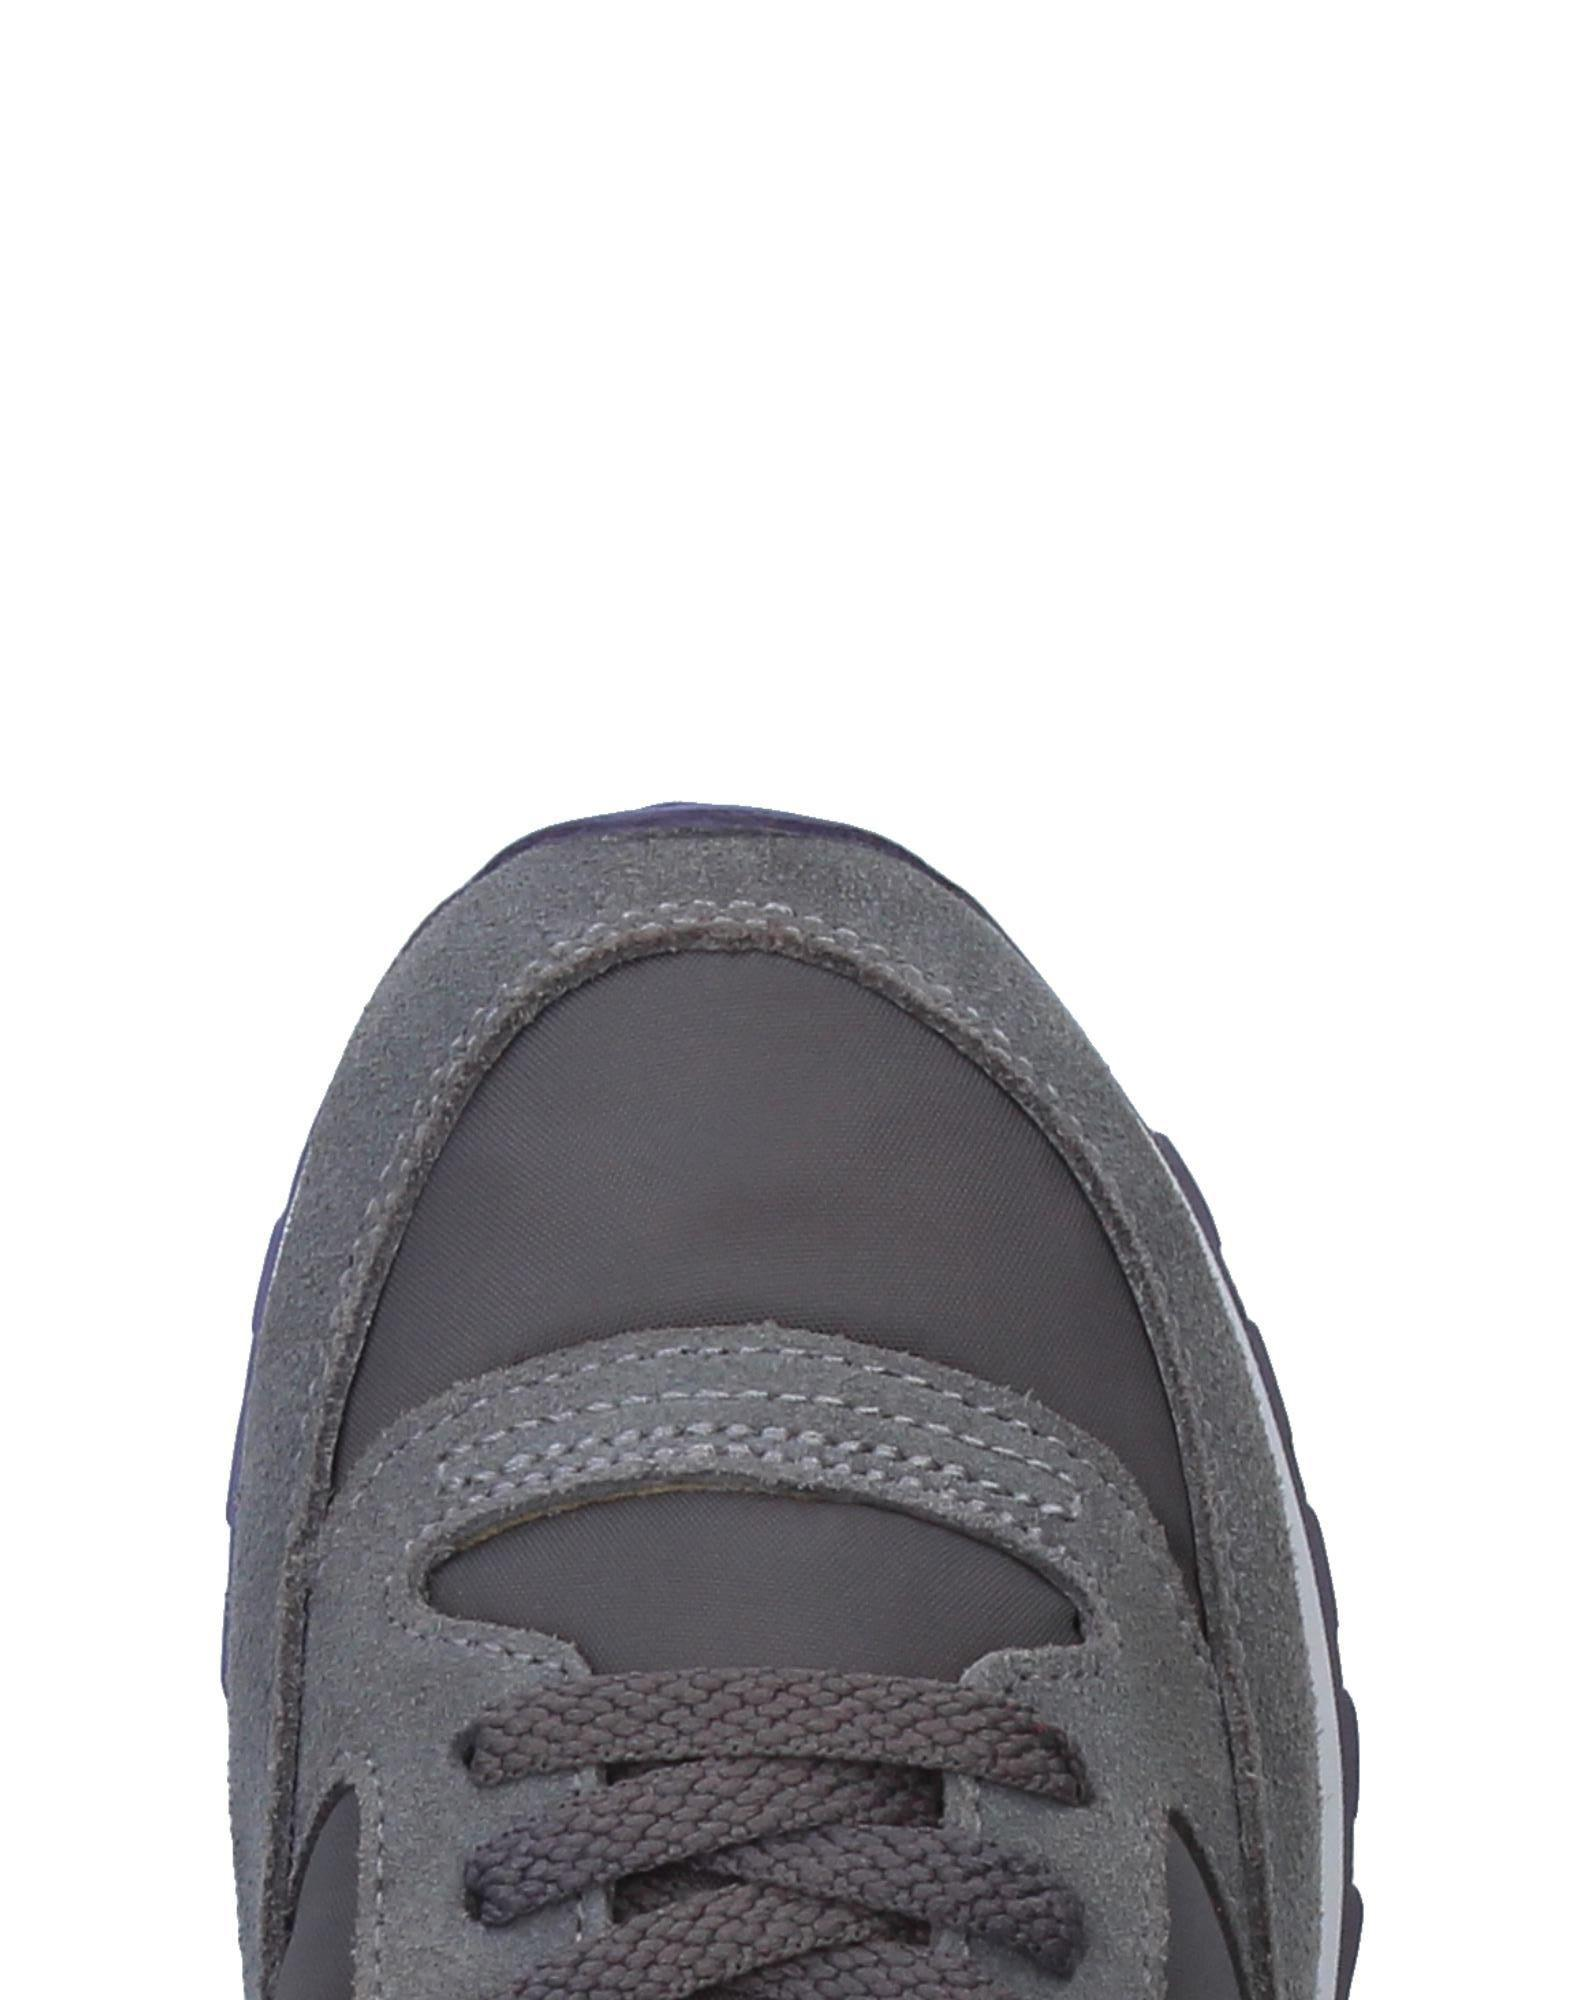 Saucony Low-tops & Sneakers in Lead (Grey)